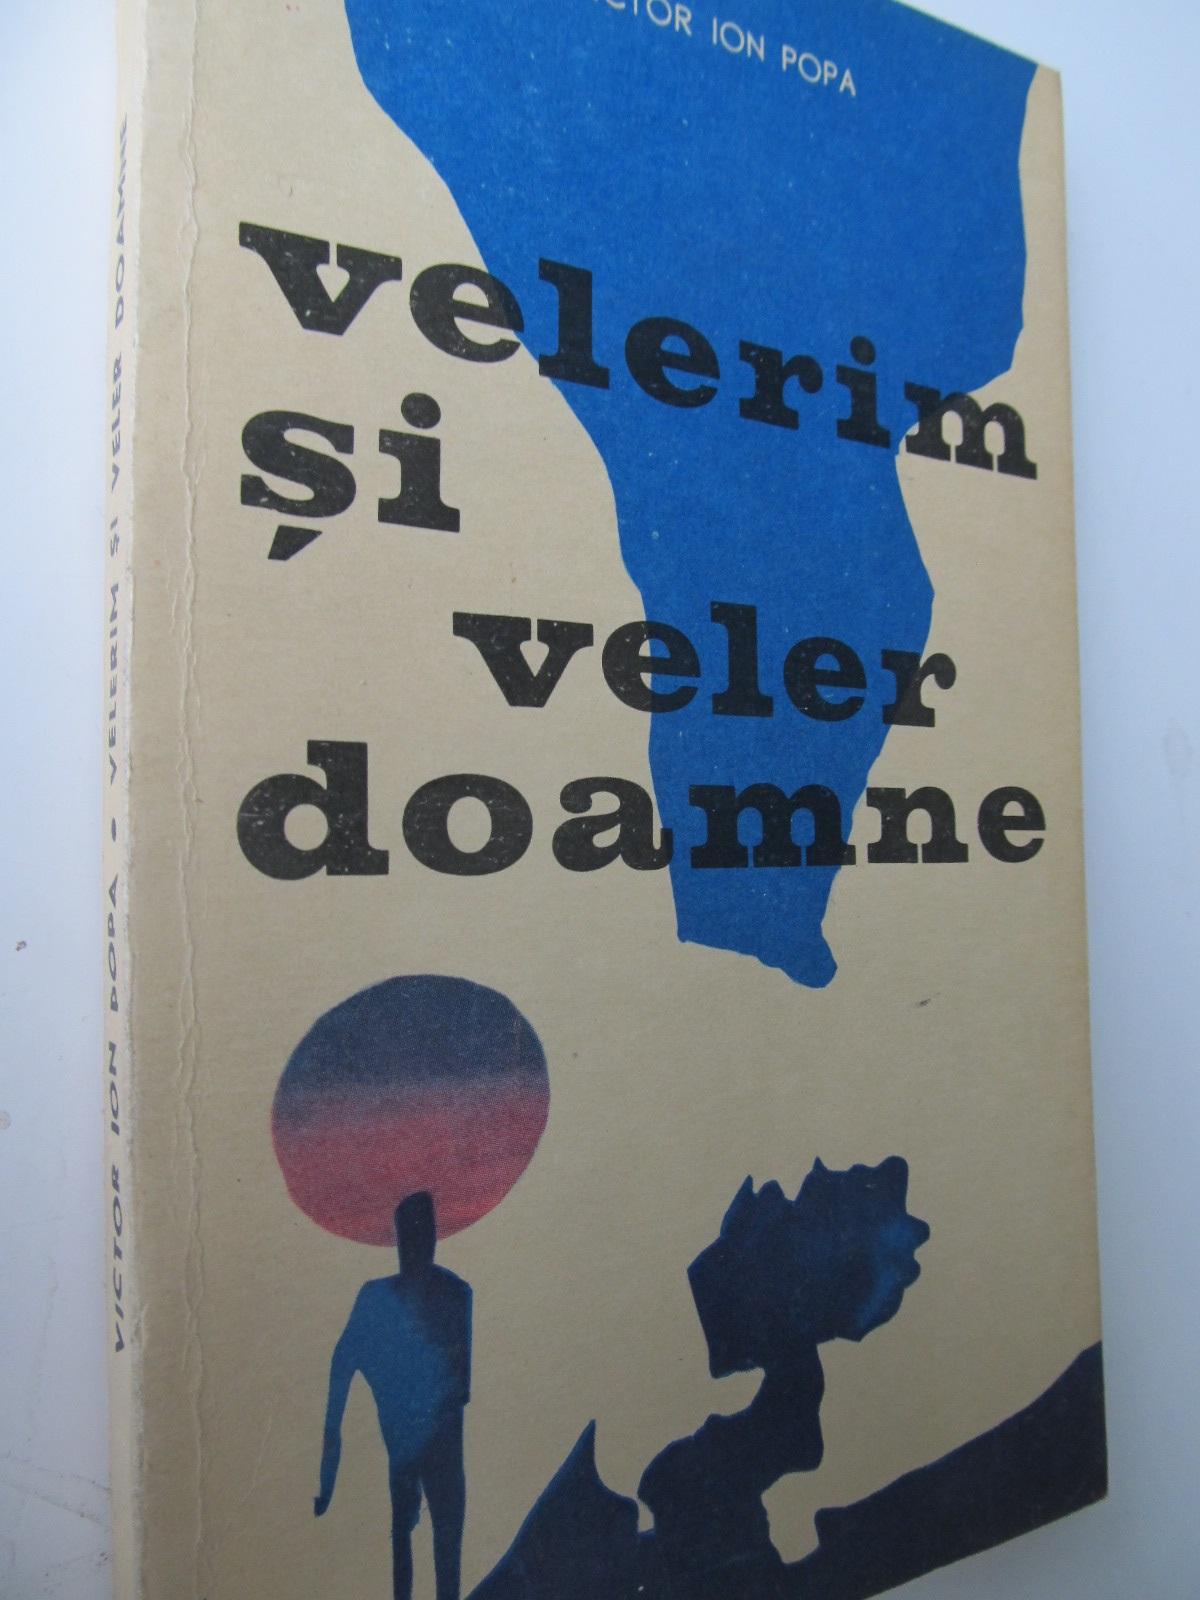 Velerim si Veler Doamne - Victor Ion Popa | Detalii carte